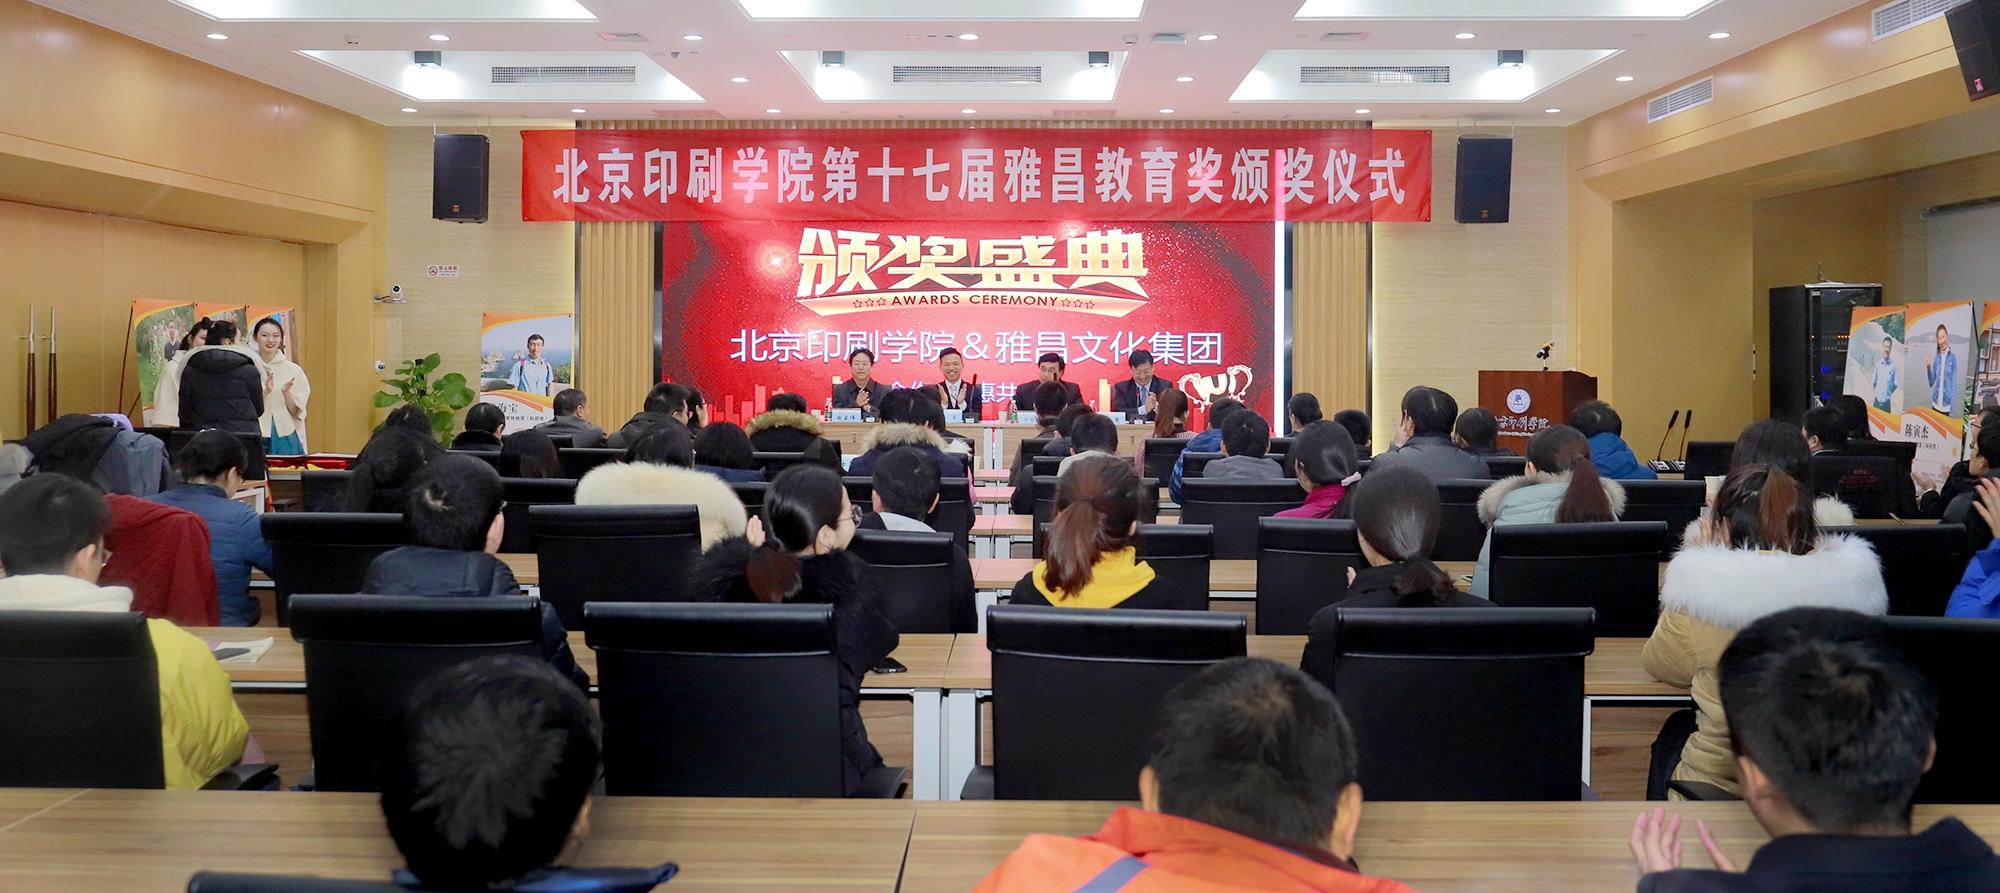 学校举行第十七届雅昌教育奖颁奖仪式